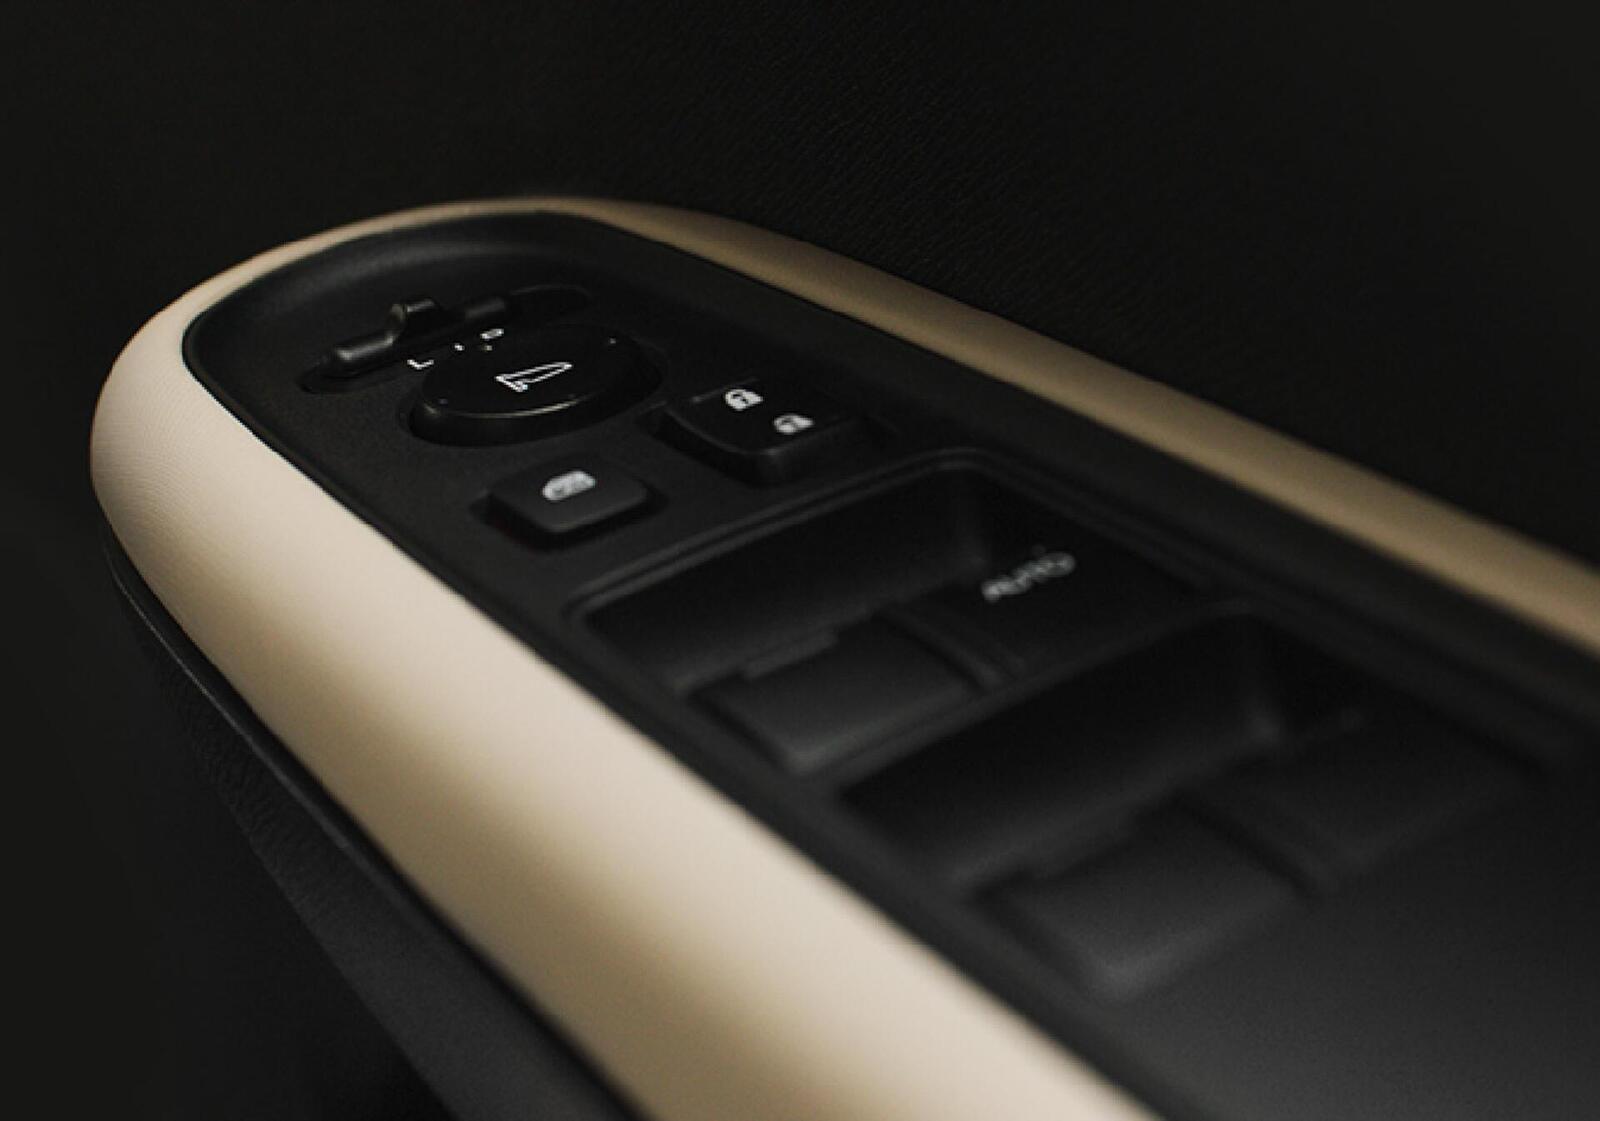 Dự đoán 3 phiên bản Honda Brio sắp ra mắt vào ngày 18.06 sắp tới - Hình 12